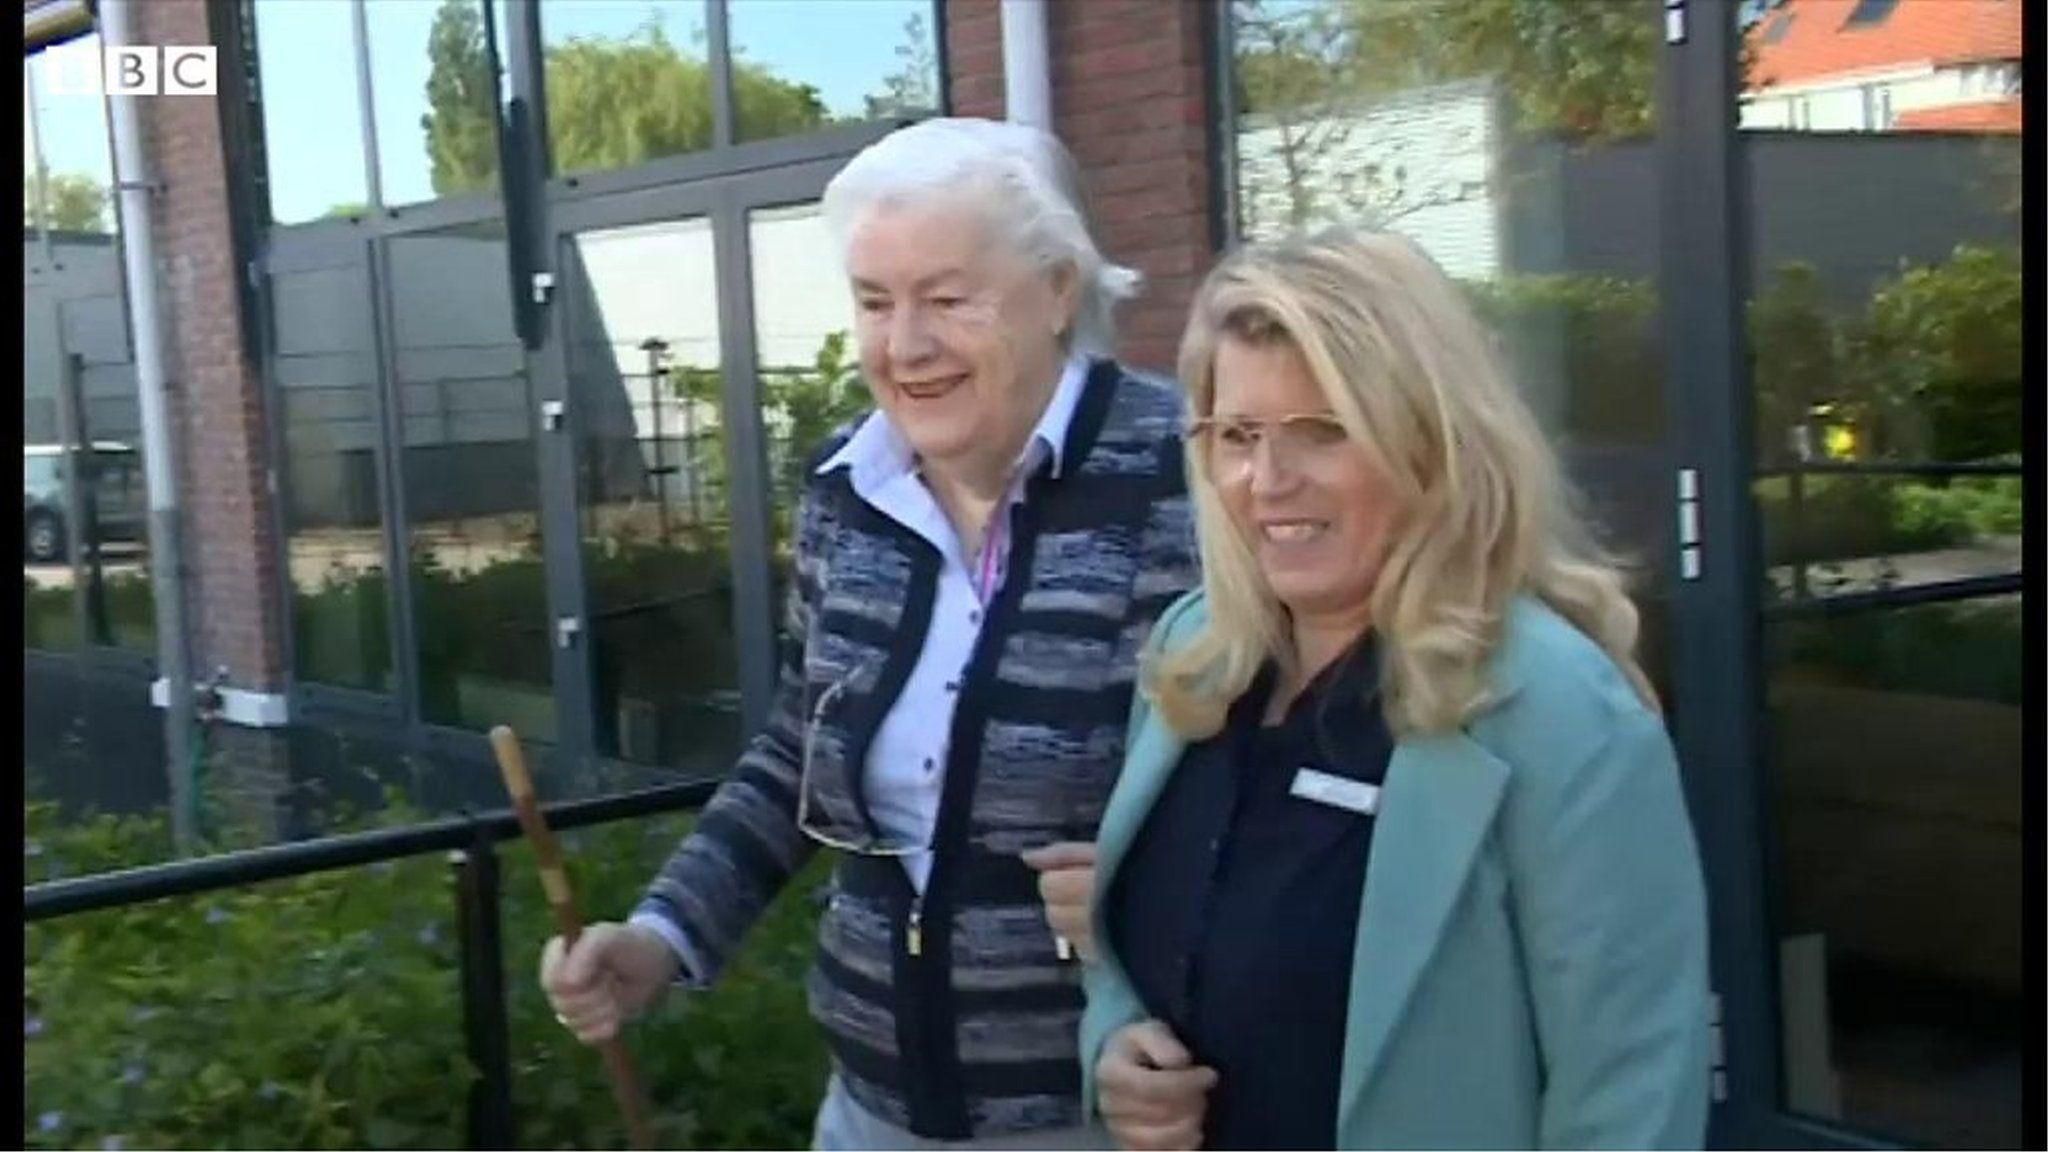 ガラス越しに「お母さん!」 ロックダウン続くオランダで家族が再会